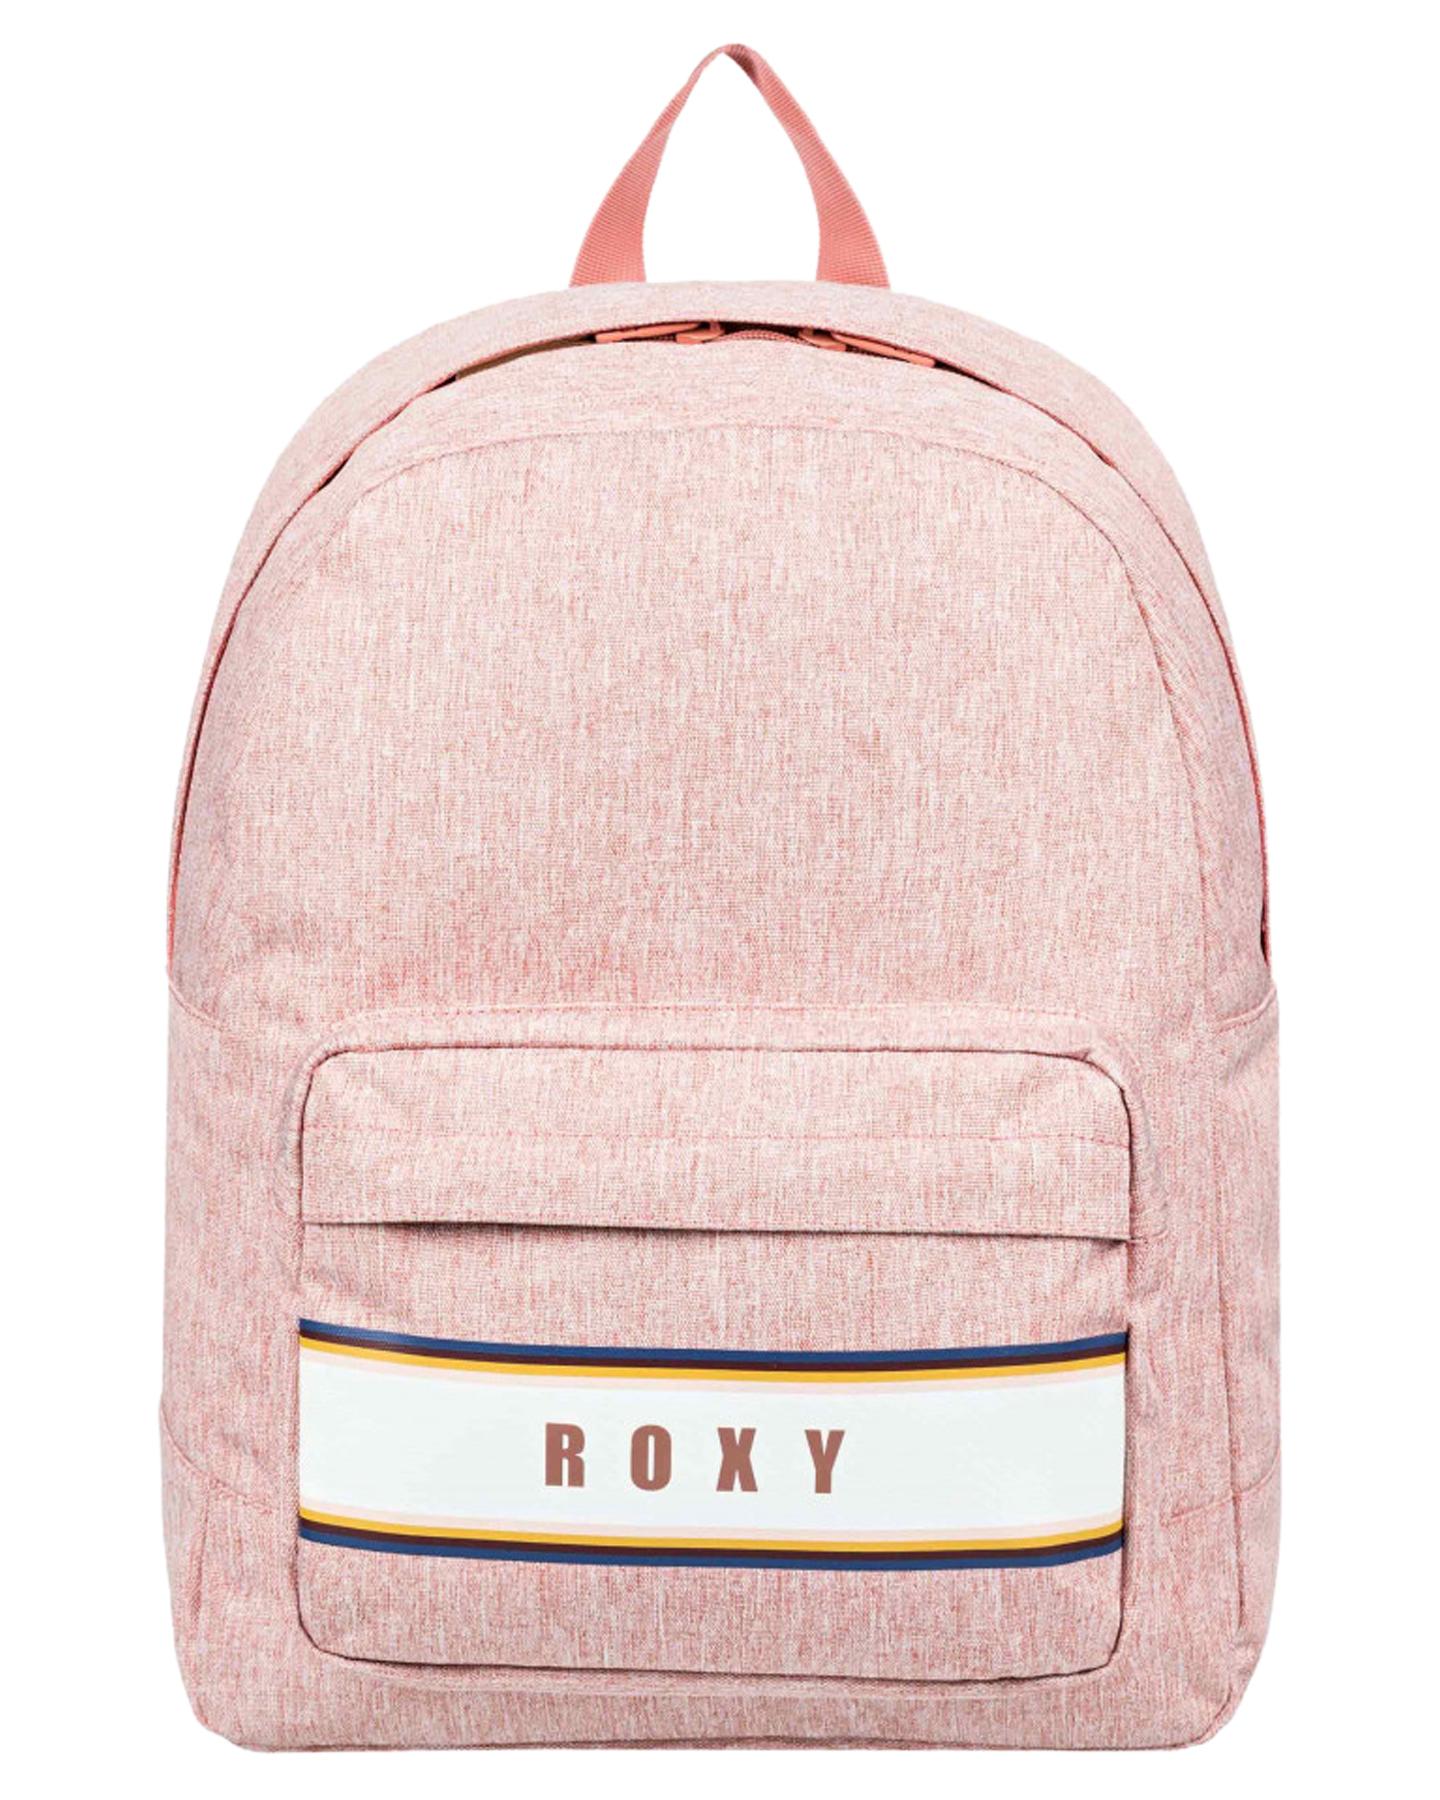 8e0f2e8d6 Roxy Go Live Backpack - Desert Sand | SurfStitch